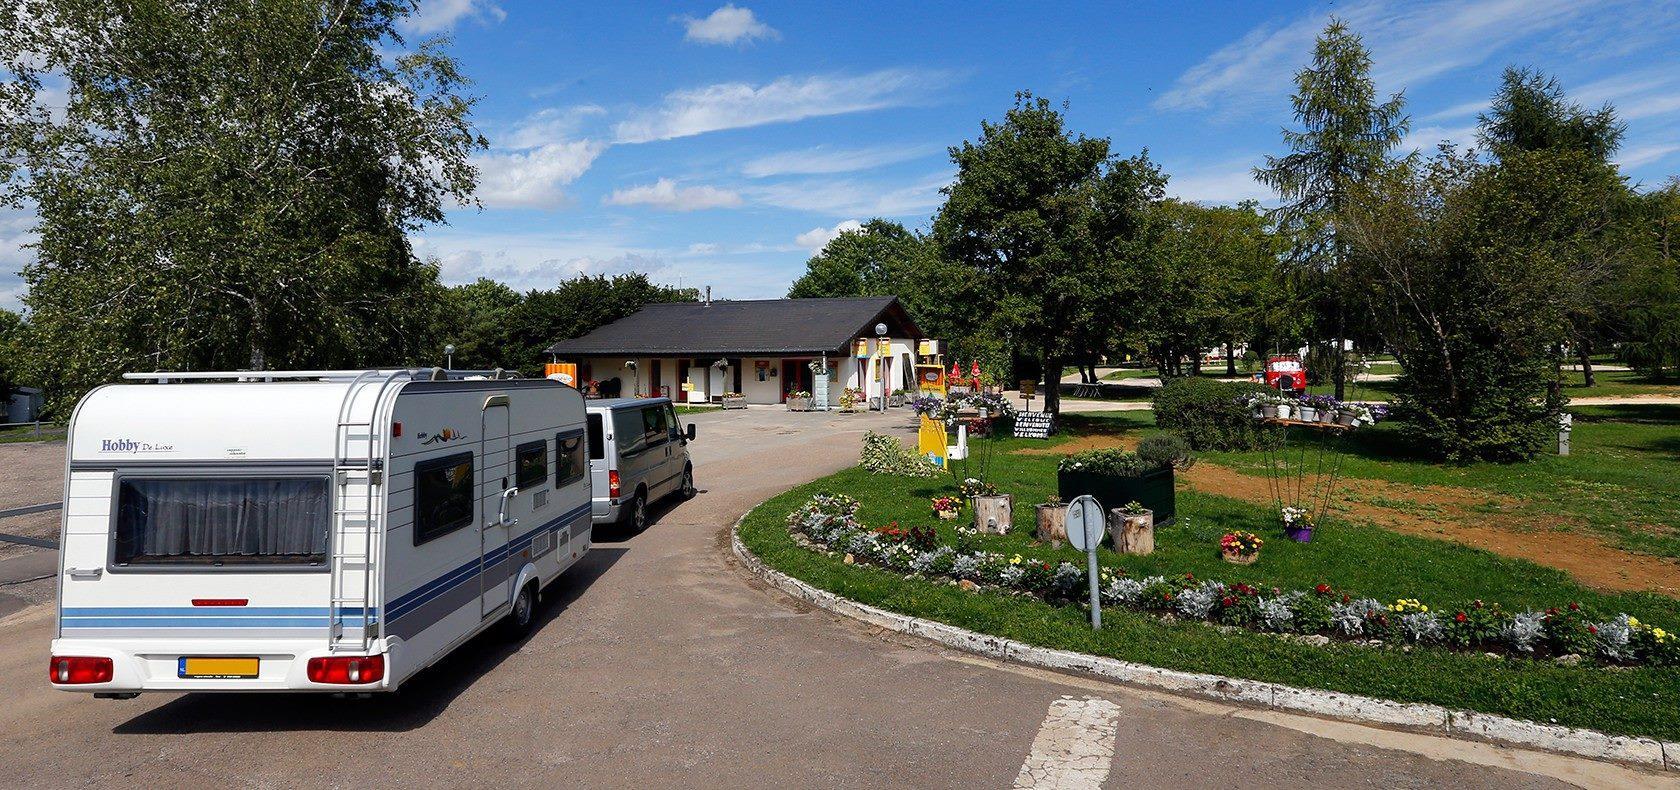 Camping Campéole le Brabois, Villers-les-Nancy, Meurthe-et-Moselle